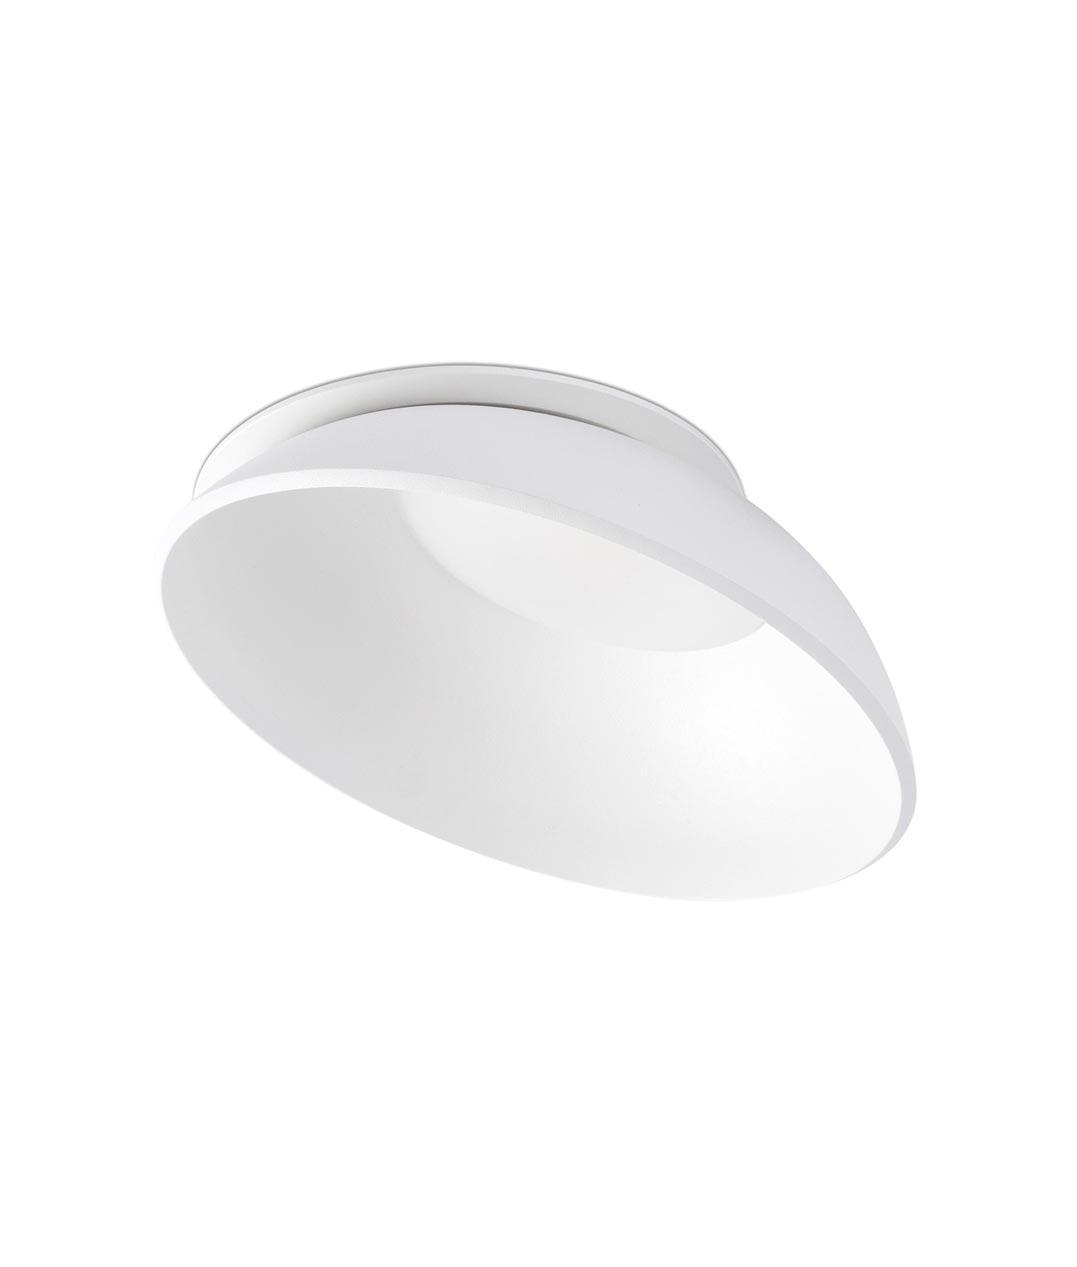 Plafón luz LED orientable BOL detalle 2